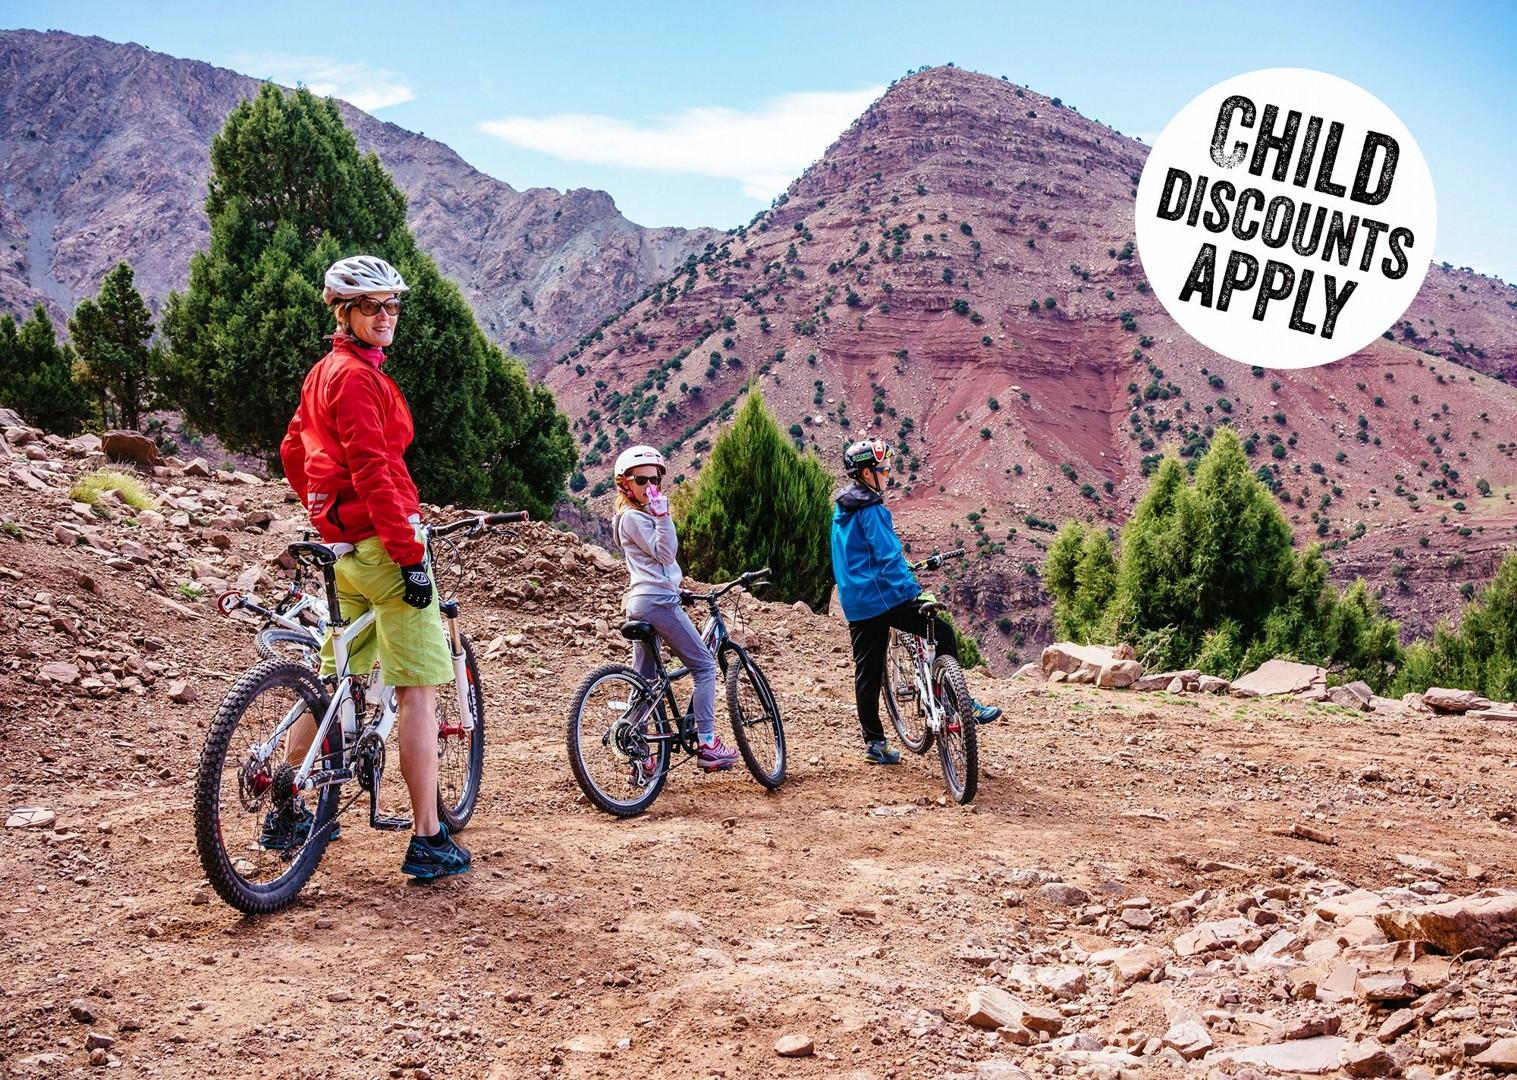 morocco-marrakech-atlantic-coast-high-atlas-mountains-desert-mountains-coast-family.jpg - Morocco - Desert, Mountains and Coast - Family Cycling